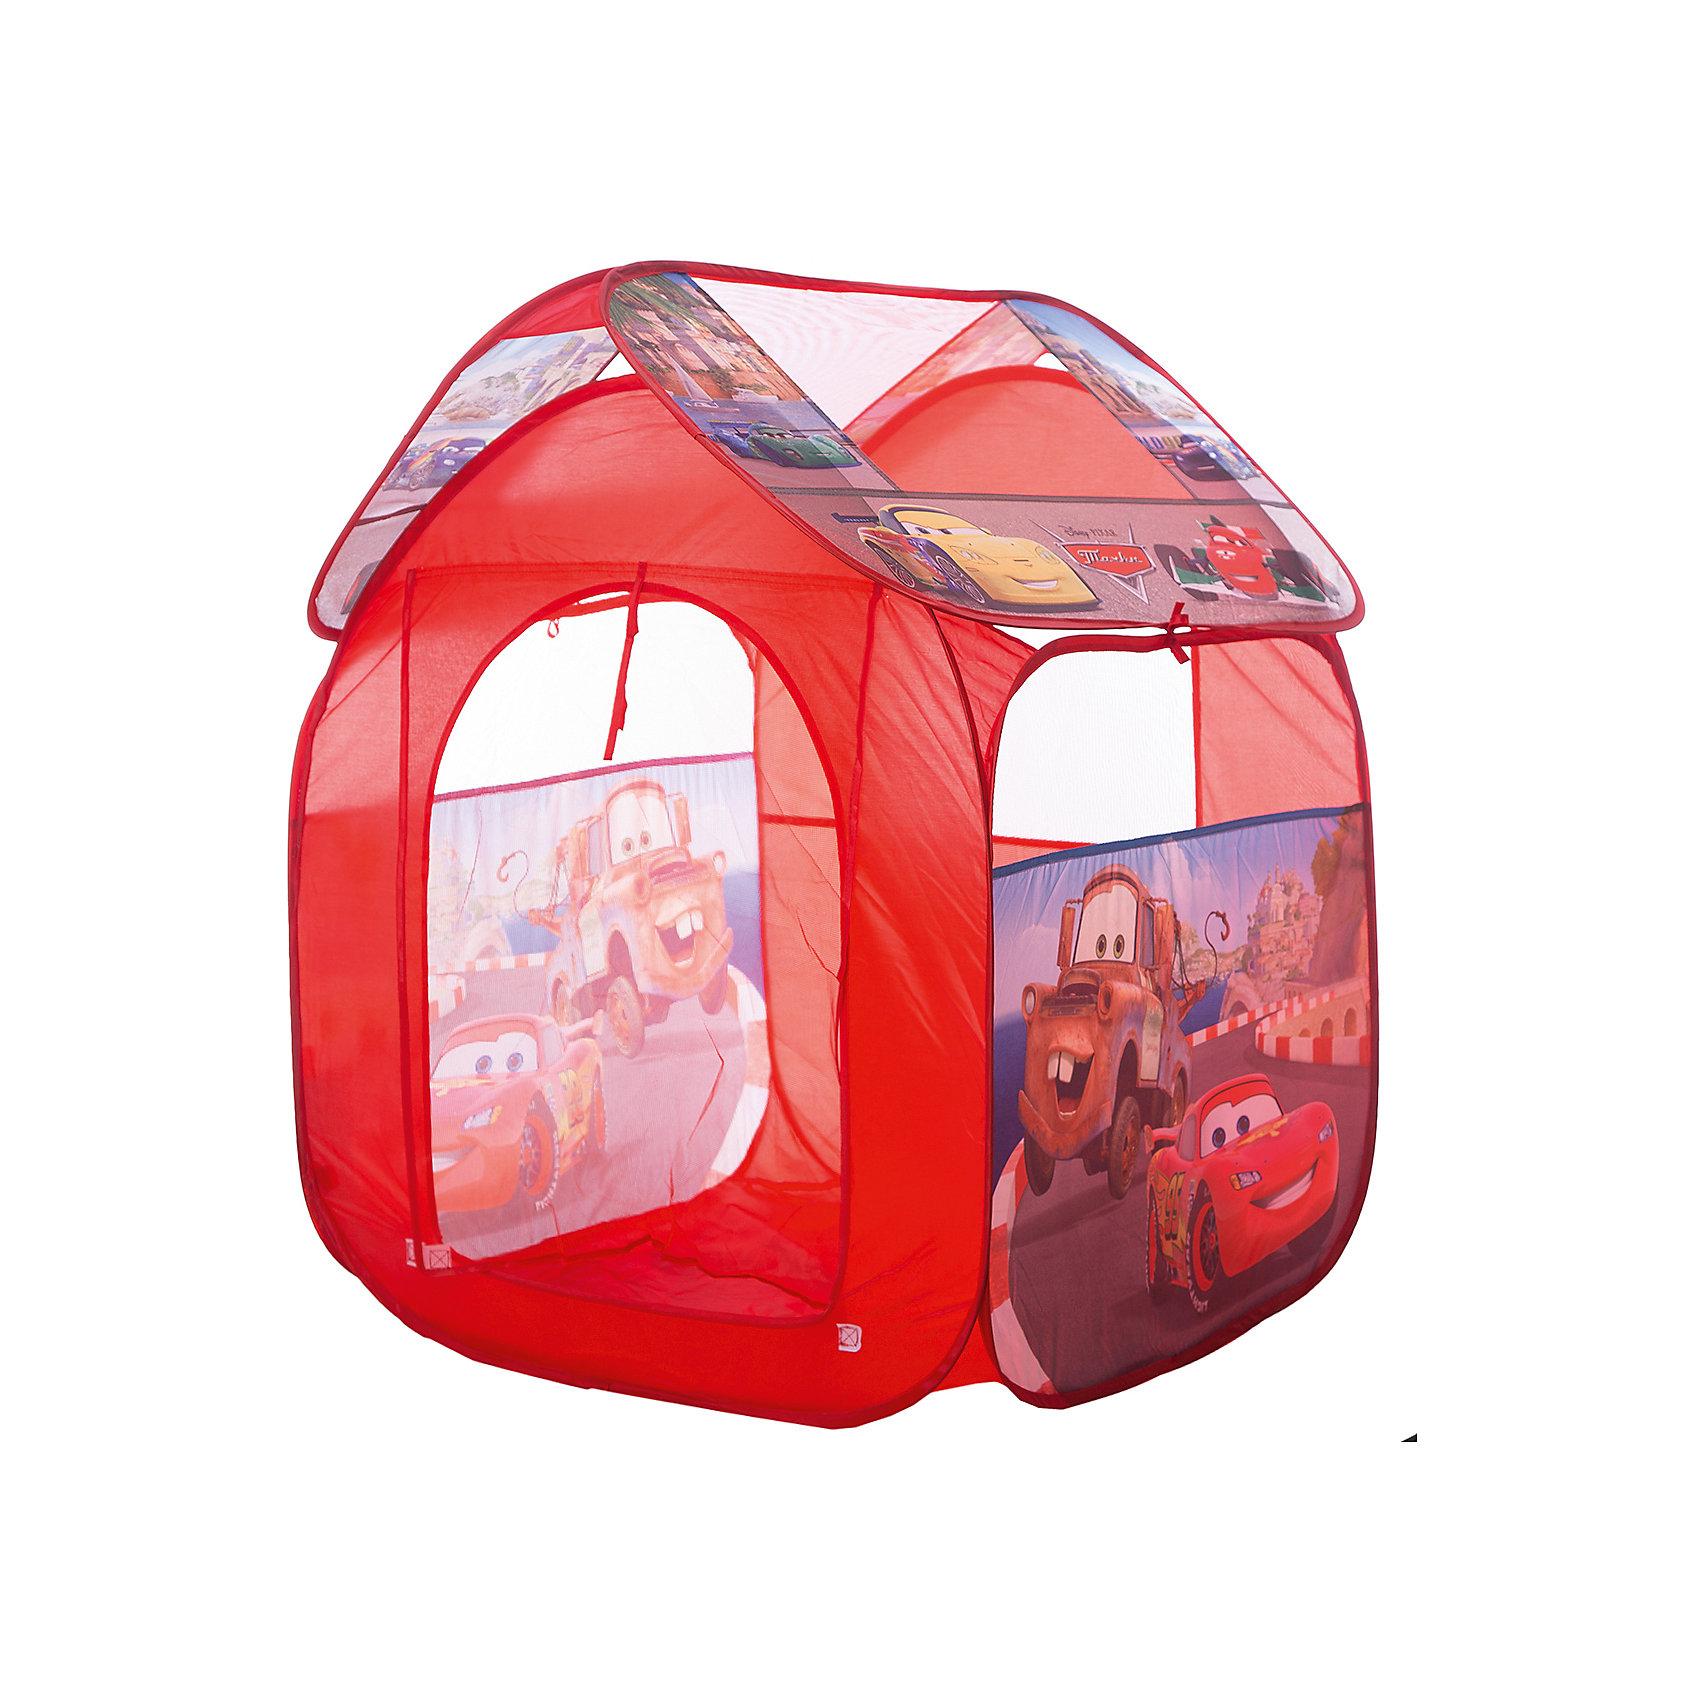 Детская игровая палатка Тачки 2, Играем ВместеТачки<br>Палатка игровая Тачки 2 Играем вместе - отличный подарок для  мальчишек! Детская игровая палатка Тачки 2 подарит Вашему ребенку множество увлекательных часов игры. Послужит отличной игрушкой как дома, так и на свежем воздухе в теплое время: варианты игры могут быть ограничены лишь фантазией ребенка. Мобильная и качественная, палатка легко складывается для хранения и транспортировки, самораскладывающийся каркас-спираль позволяет без труда собирать и разбирать ее. Окна выполнены из сетчатого материала, дверь палатки на липучке. Выполненная из прочного, влагостойкого материала, она к тому же очень легкая и компактная. В ней можно отдыхать, прятаться, защищаться от солнца и дождика!<br><br>Дополнительная информация:<br><br>- Понравится любителям мультфильма Тачки 2 (Cars);<br>- Подходит для игры в помещении и на улице в летнее время;<br>- Палатку легко собрать и разобрать;<br>- Есть окошки с сеткой для притока воздуха;<br>- Влагостойкий материал;<br>- Упакована в сумку с ручками для удобства переноски;<br>- Размер: 83 х 80 х 105 см;<br>- Вес: 750 г<br><br>Детскую игровую палатку Тачки 2, Играем Вместе можно купить в нашем интернет-магазине.<br><br>Ширина мм: 370<br>Глубина мм: 20<br>Высота мм: 370<br>Вес г: 750<br>Возраст от месяцев: 12<br>Возраст до месяцев: 48<br>Пол: Мужской<br>Возраст: Детский<br>SKU: 3687182